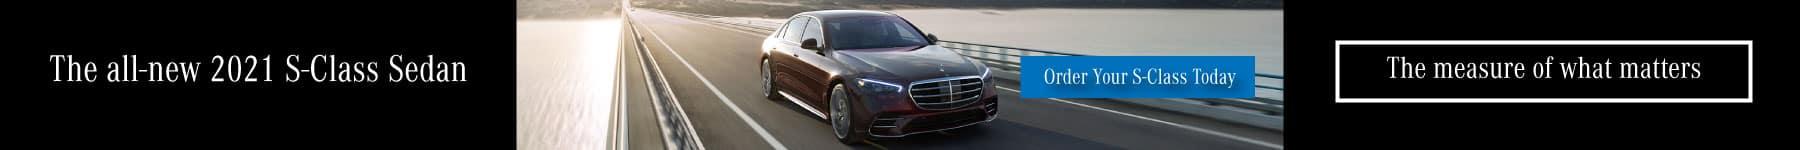 Mercedes-Benz of Chandler 2021 S-Class Sedan